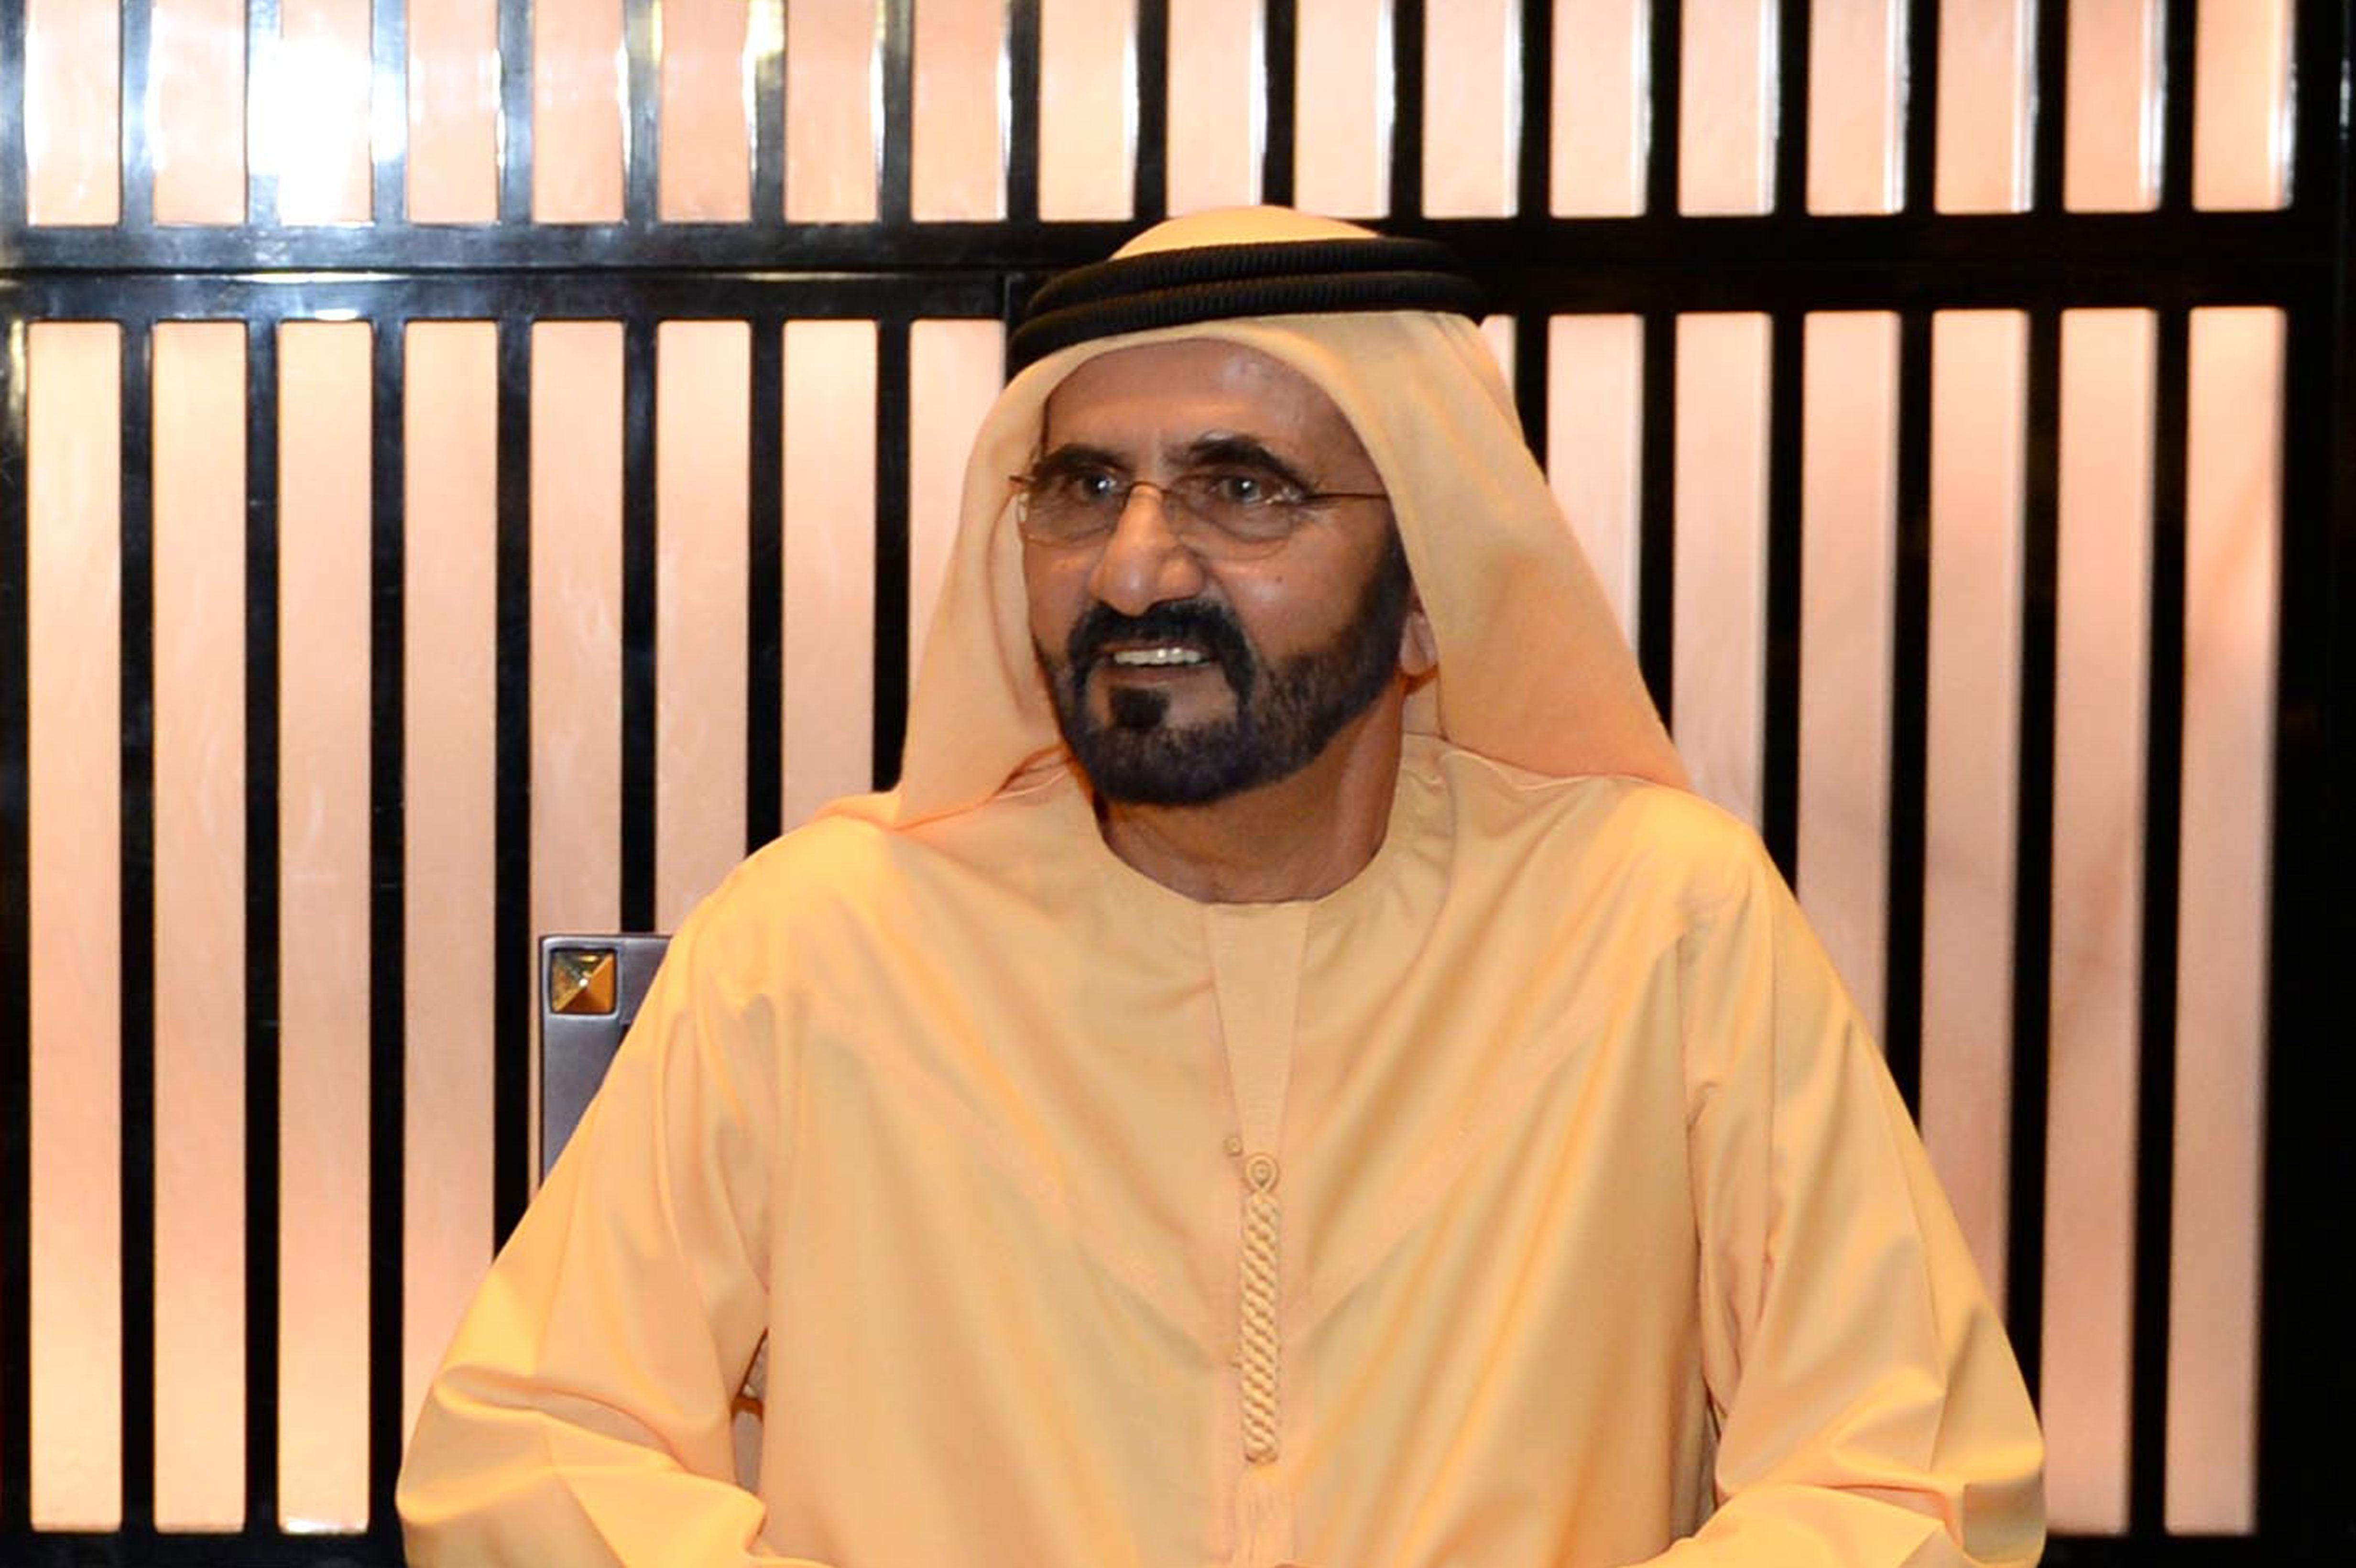 صاحب السمو الشيخ محمد بن راشد آل مكتوم - أسلوب عمل ومنهج حياة